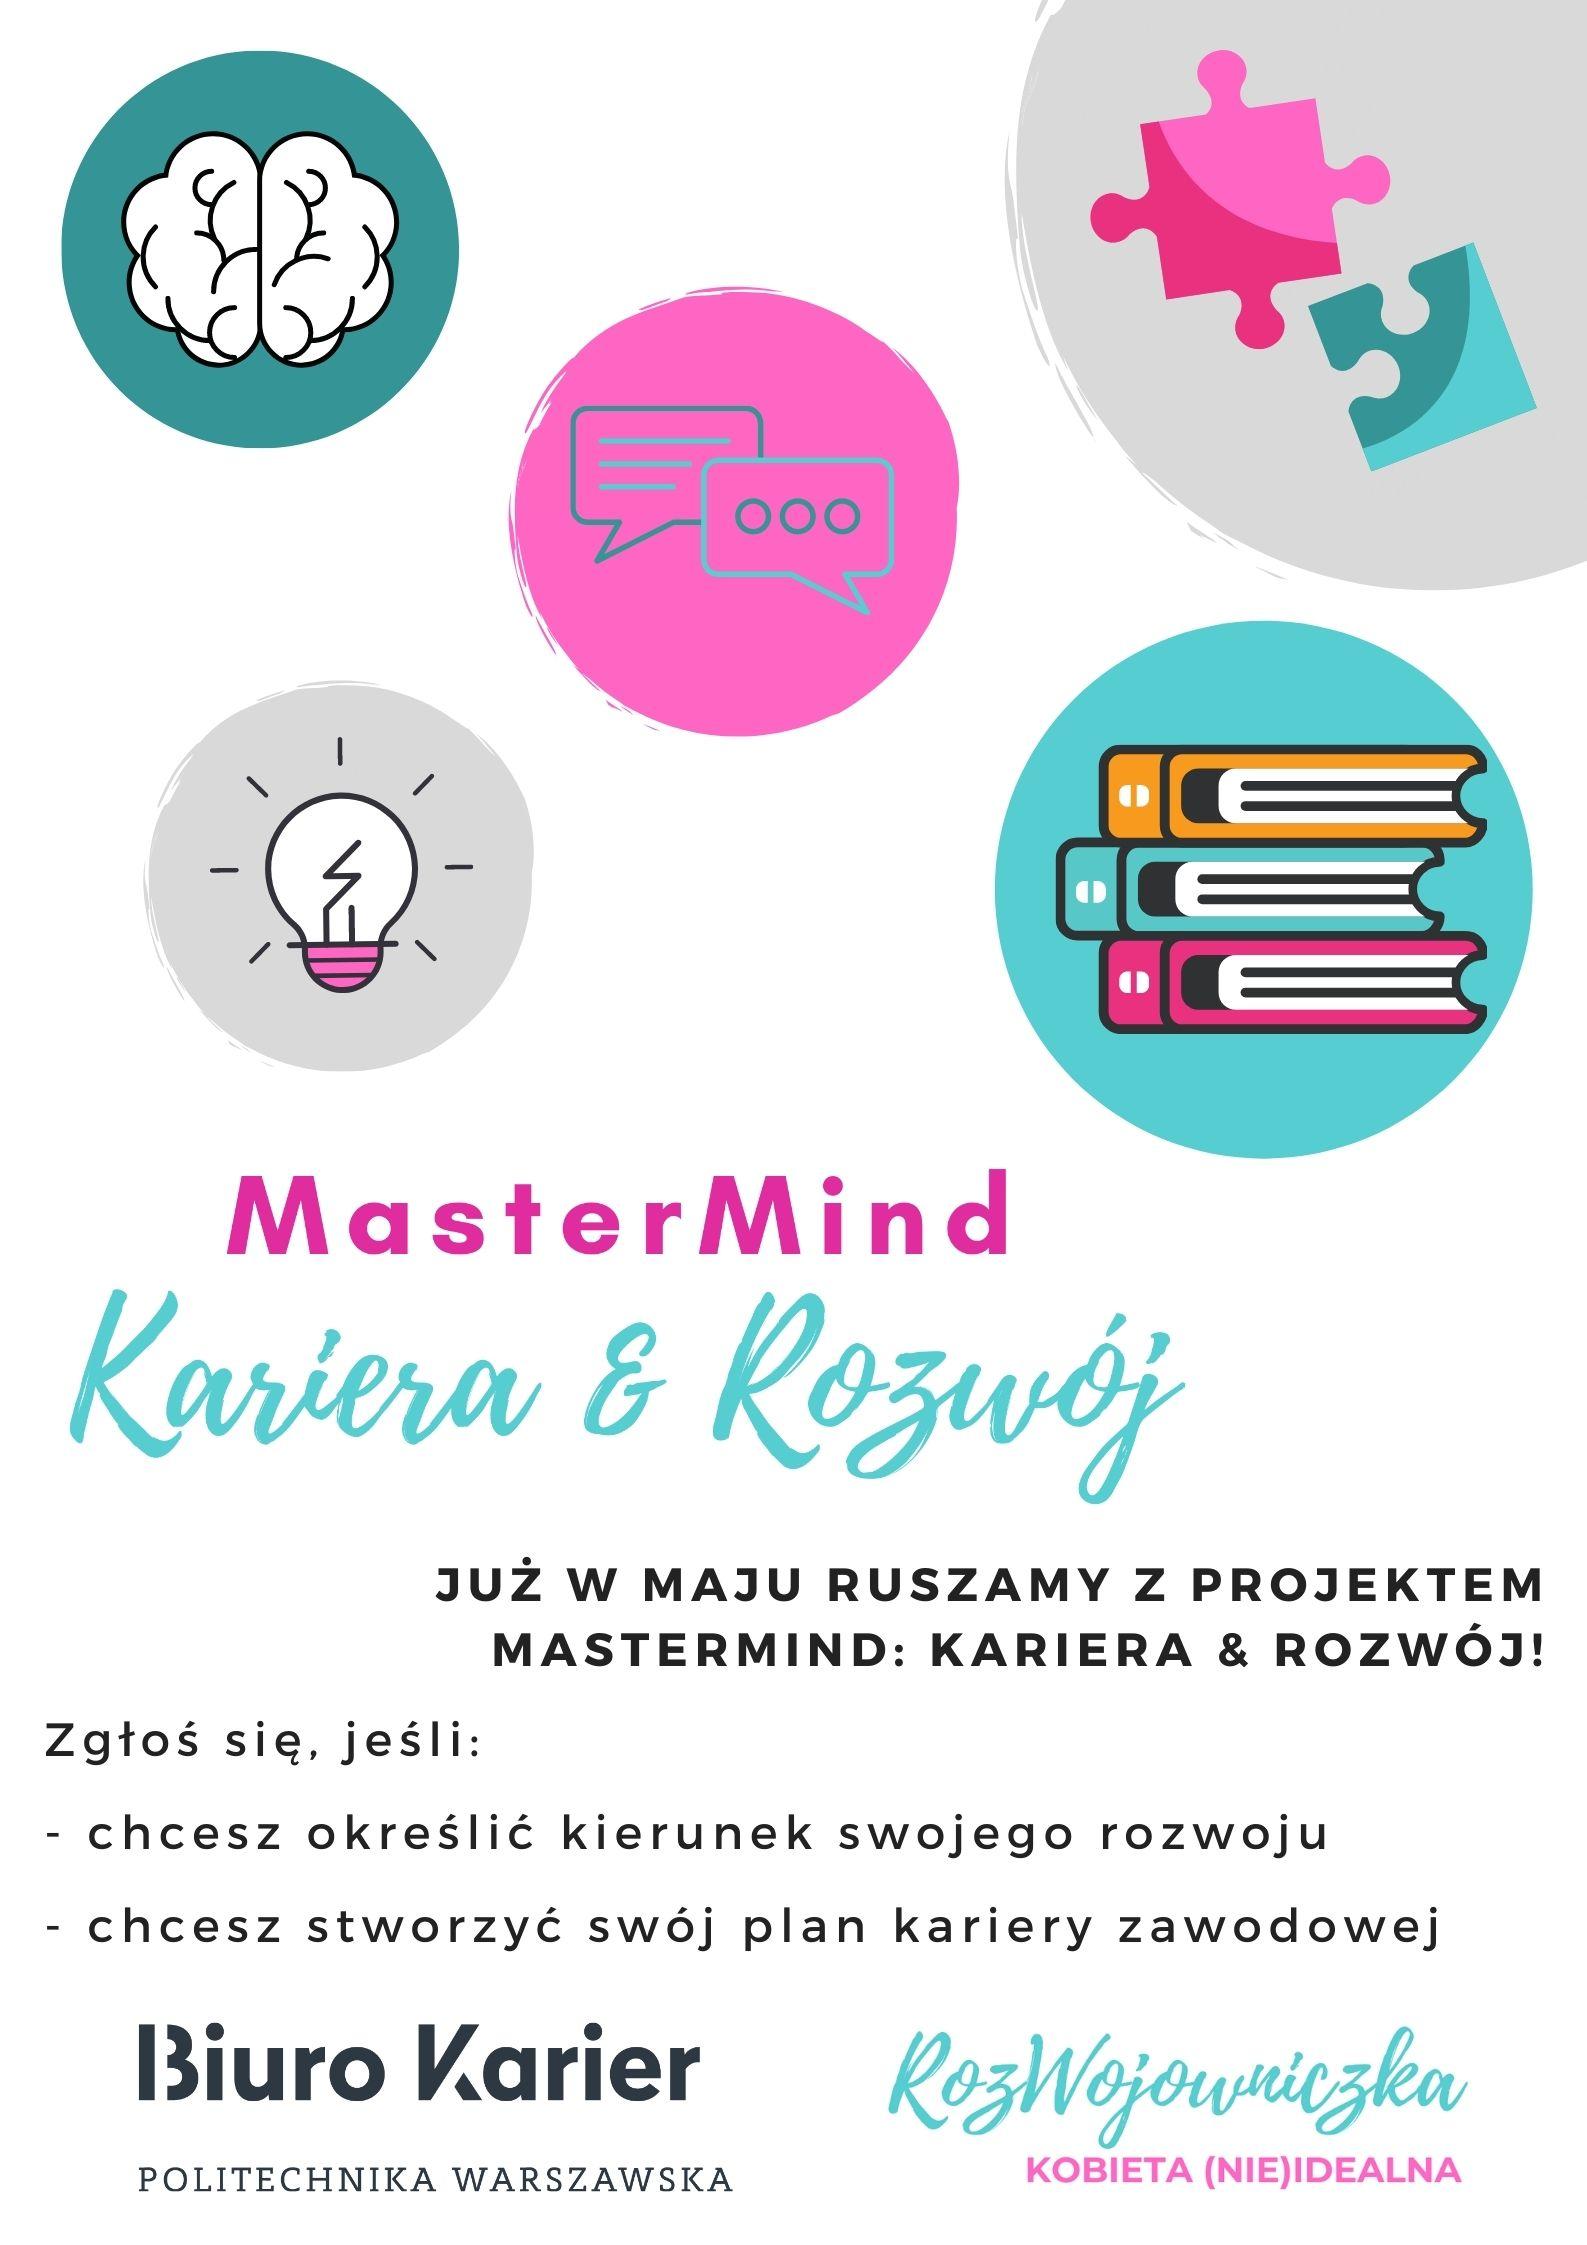 MasterMind: Kariera & Rozwój